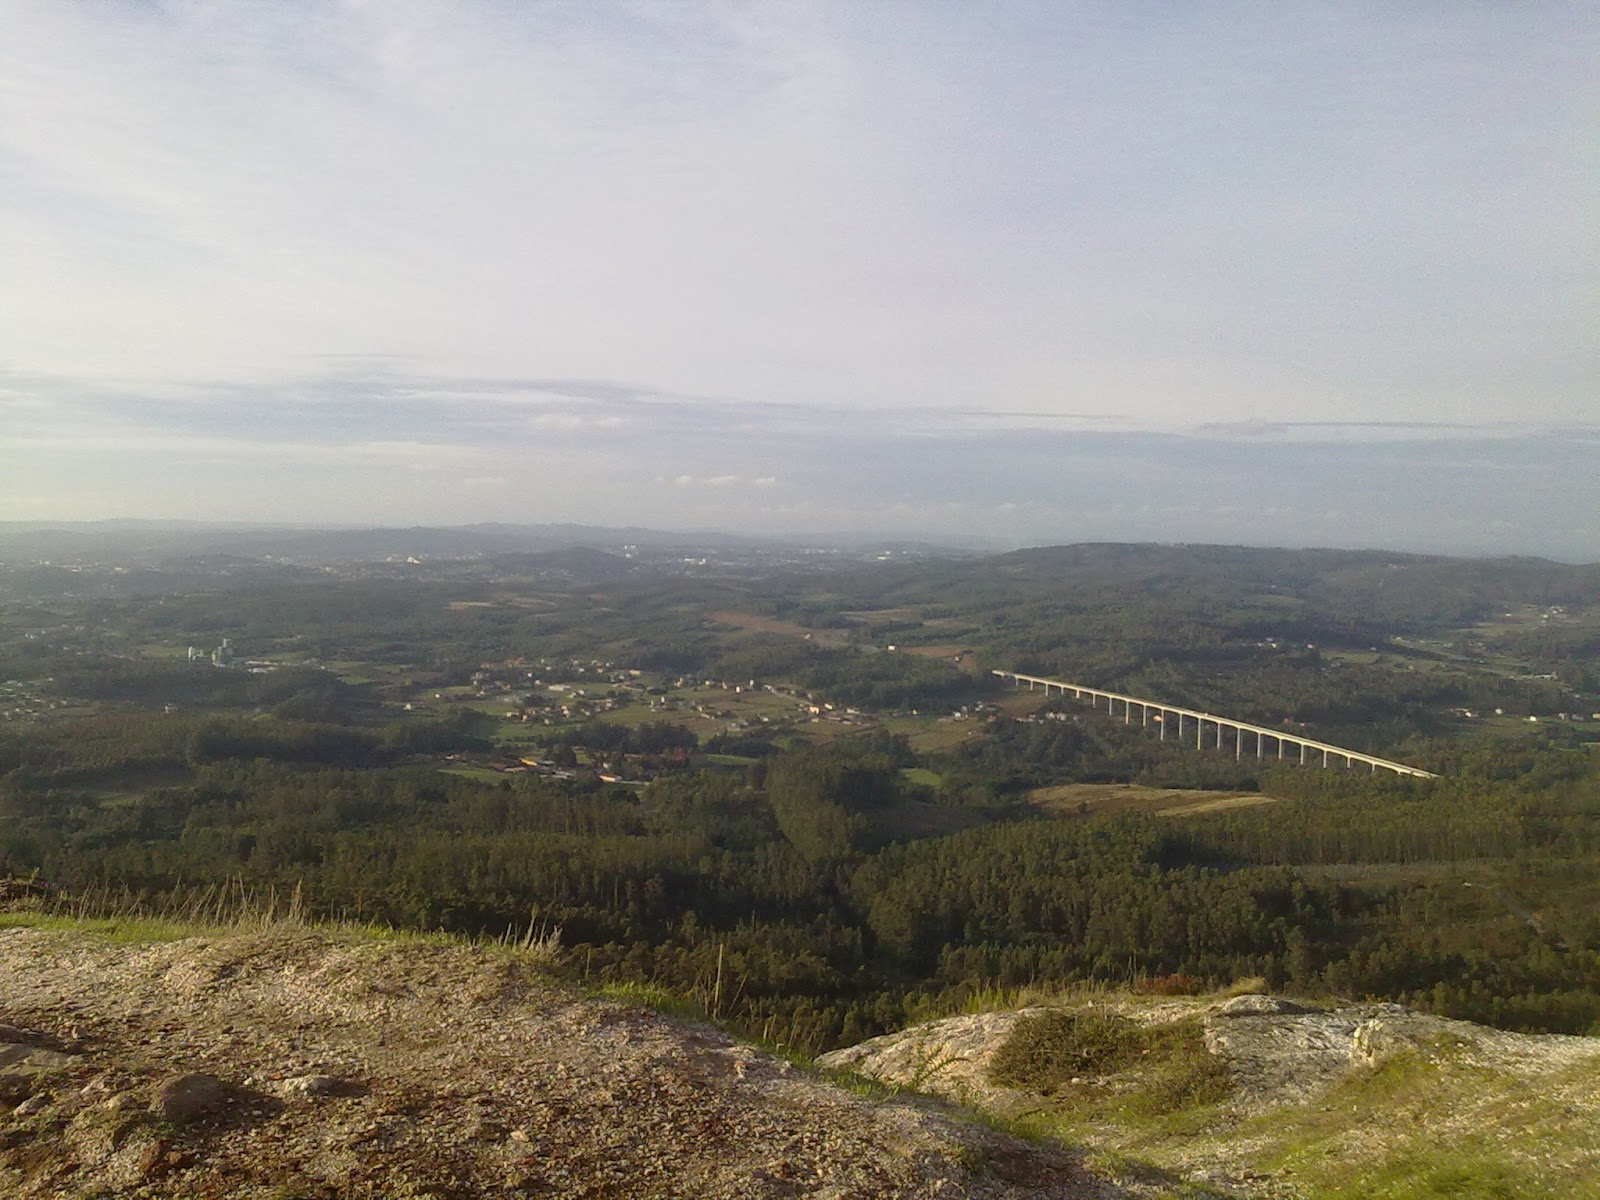 Vistas desde el Pico Sacro en Boqueixón